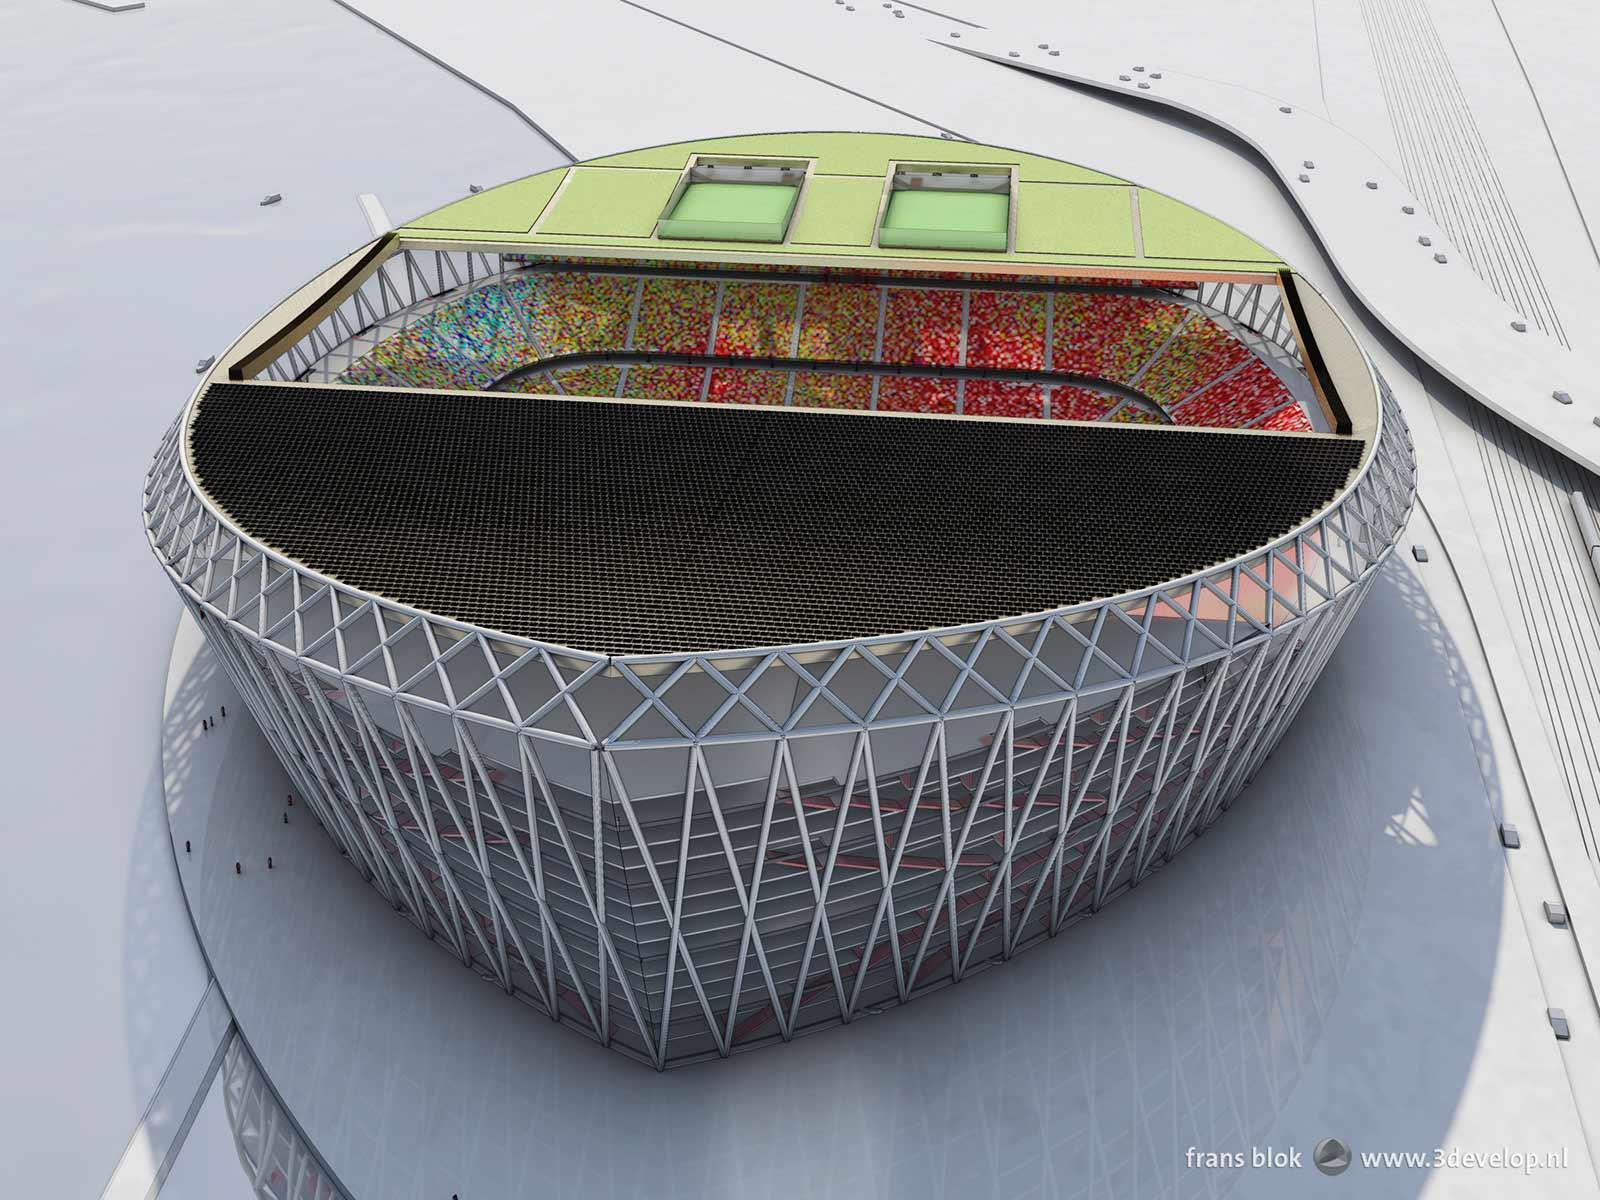 Vogelvluchtperspectief van het voorgestelde nieuwe Feyenoordstation, de Schuit, gezien vanuit noordelijke richting, met andere woorden vanuit de wijk Feijenoord